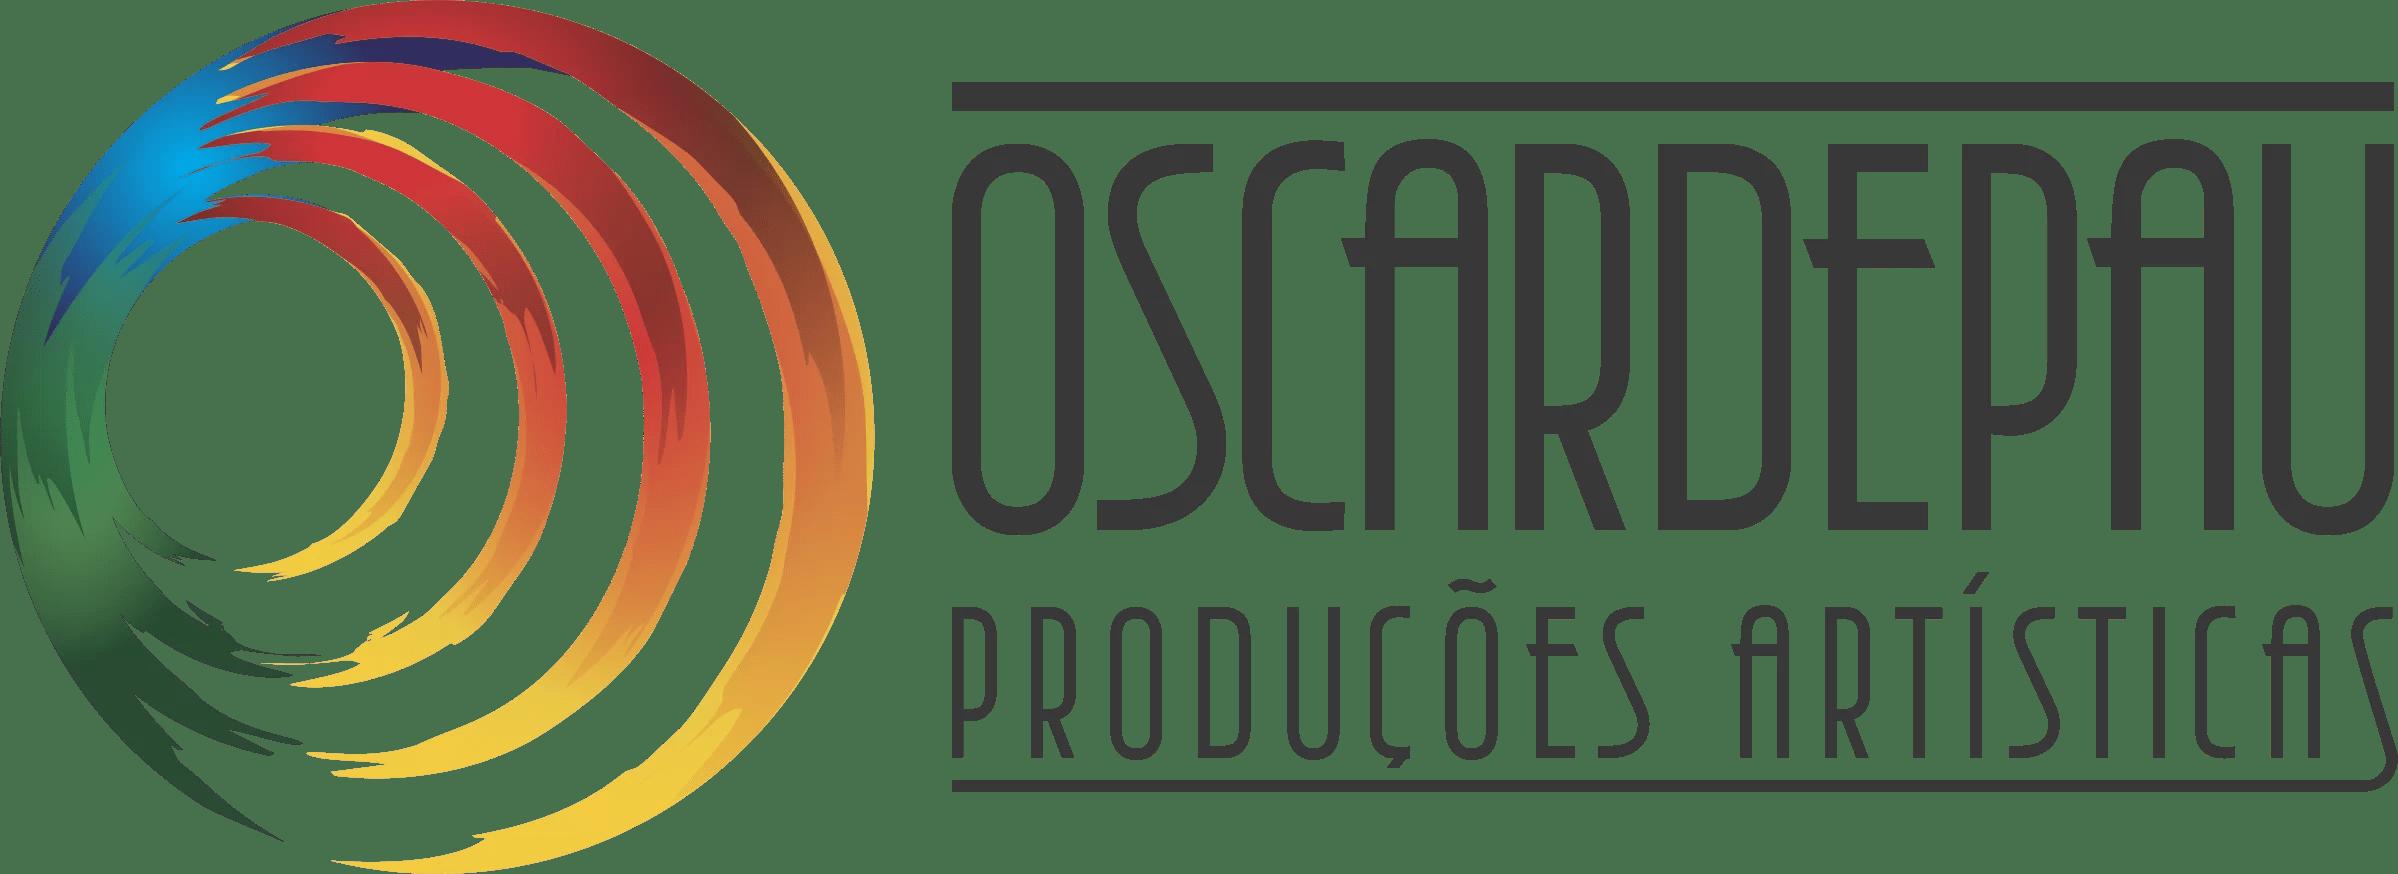 Oscardepau